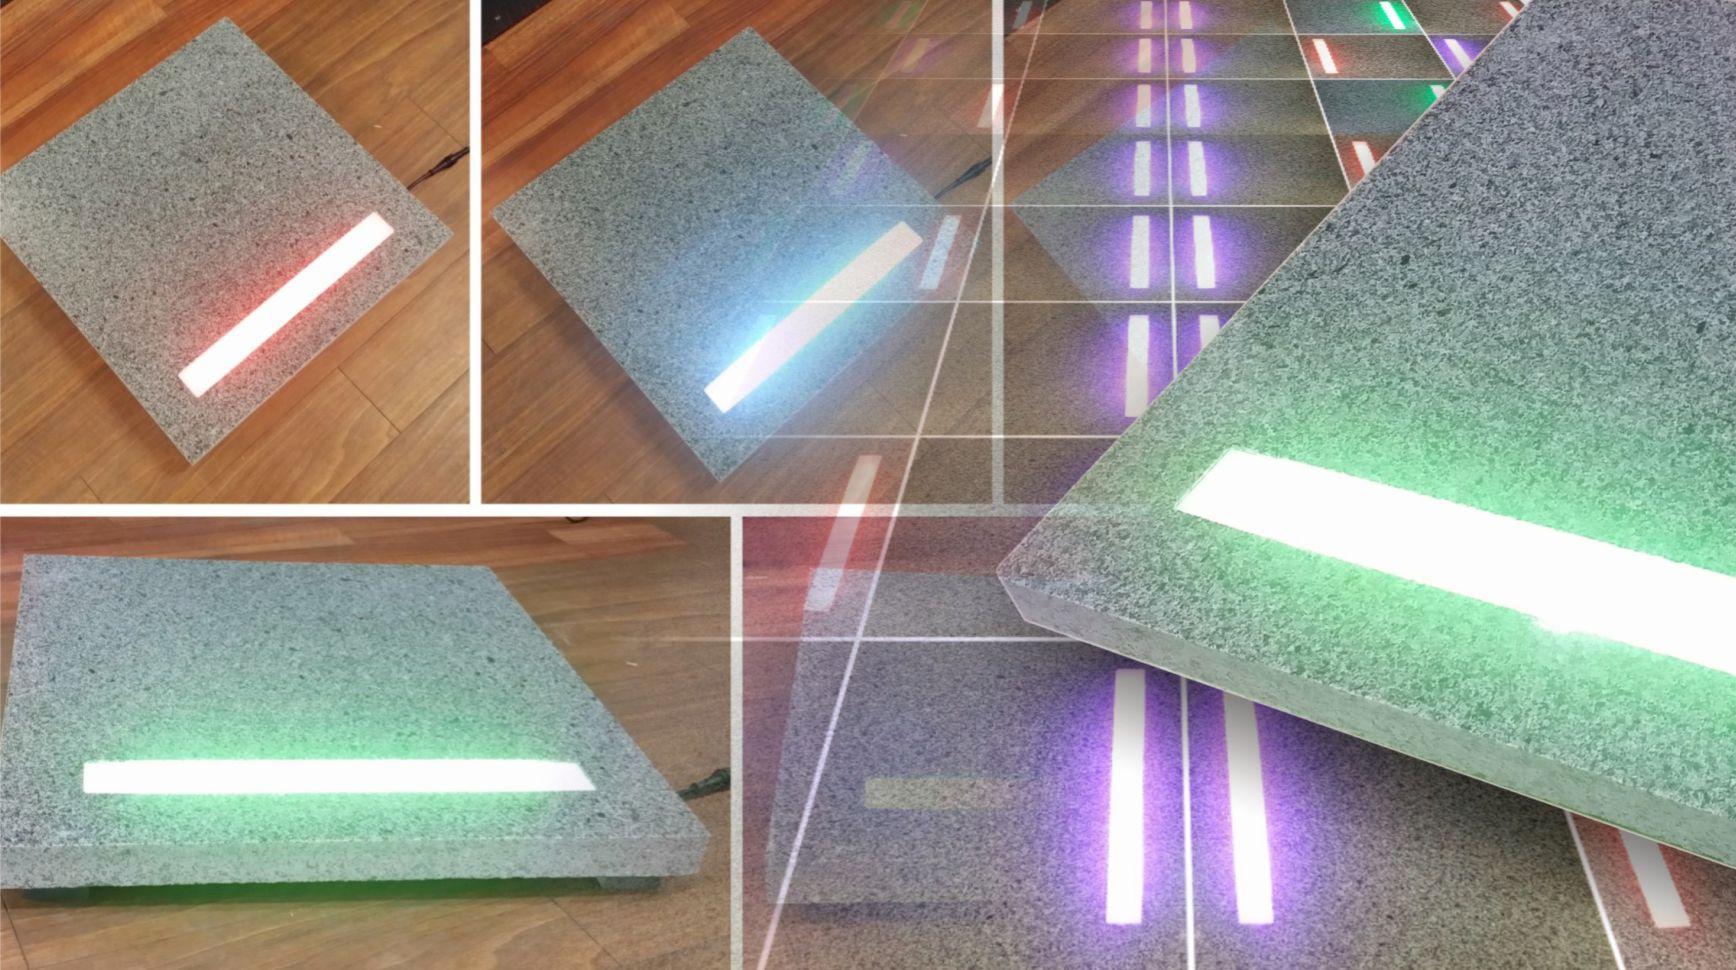 LED_stone_floor_001.jpg